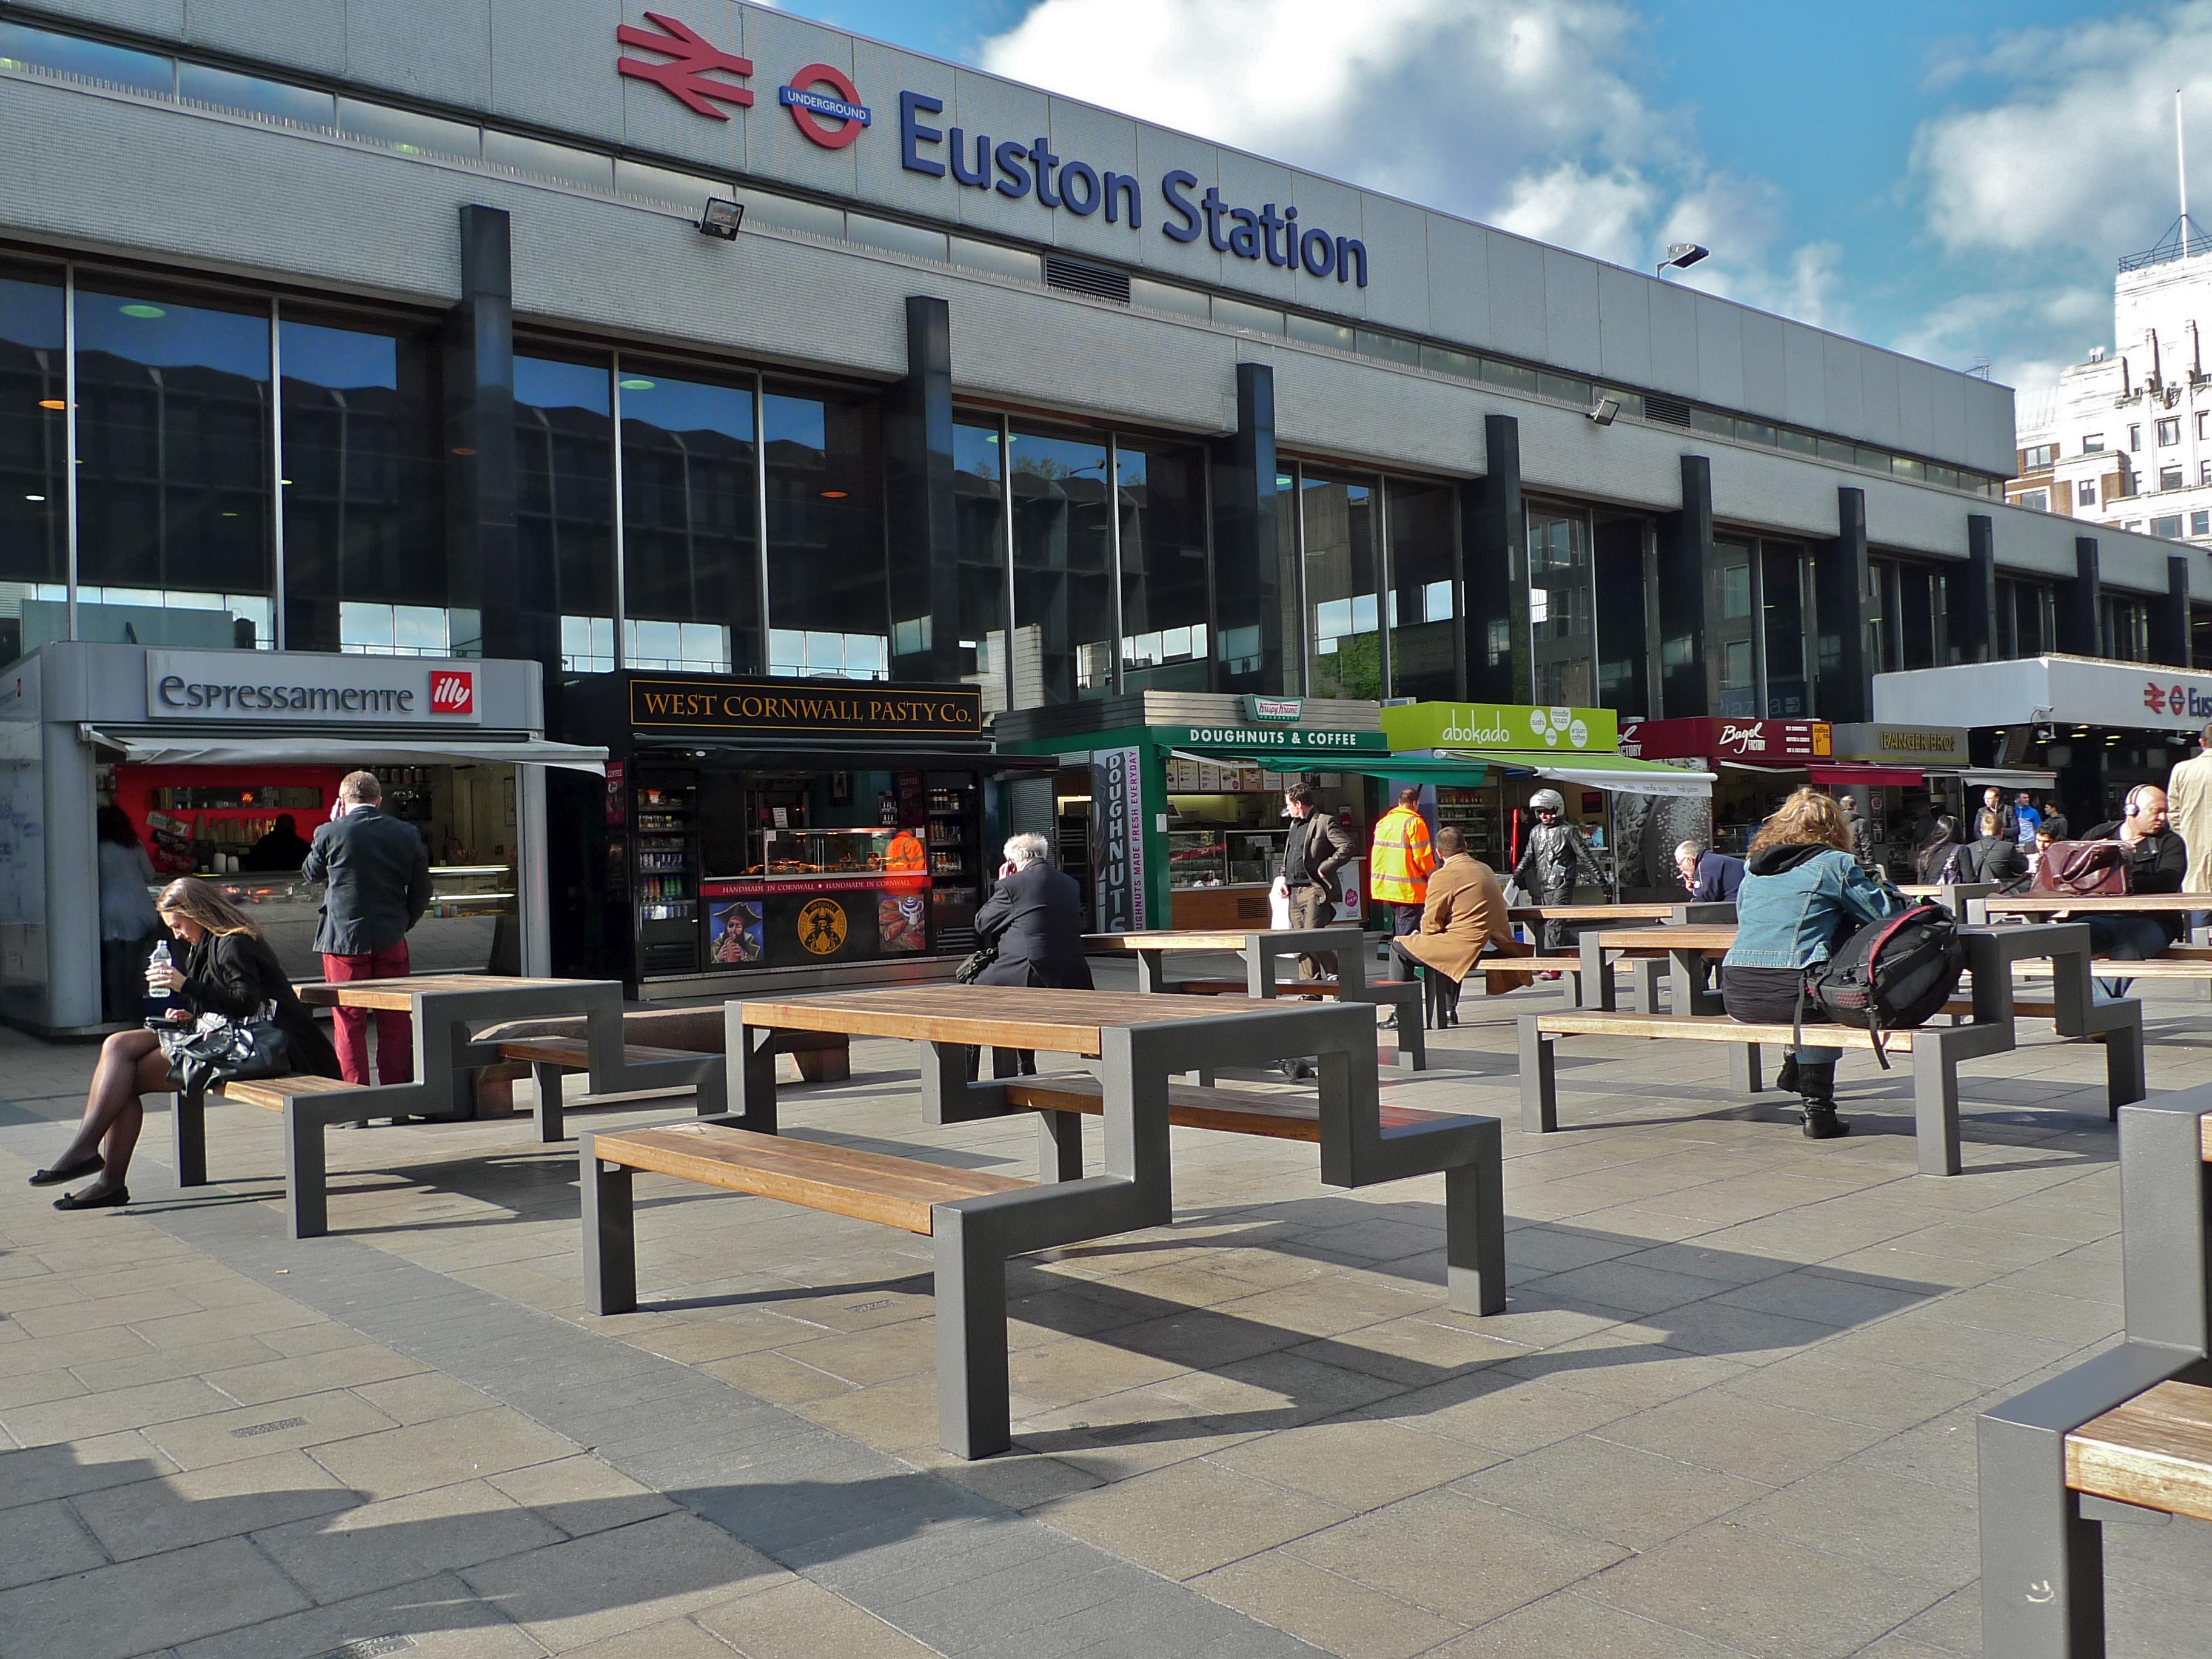 Hilton London - Find Hilton Hotels in London - UK